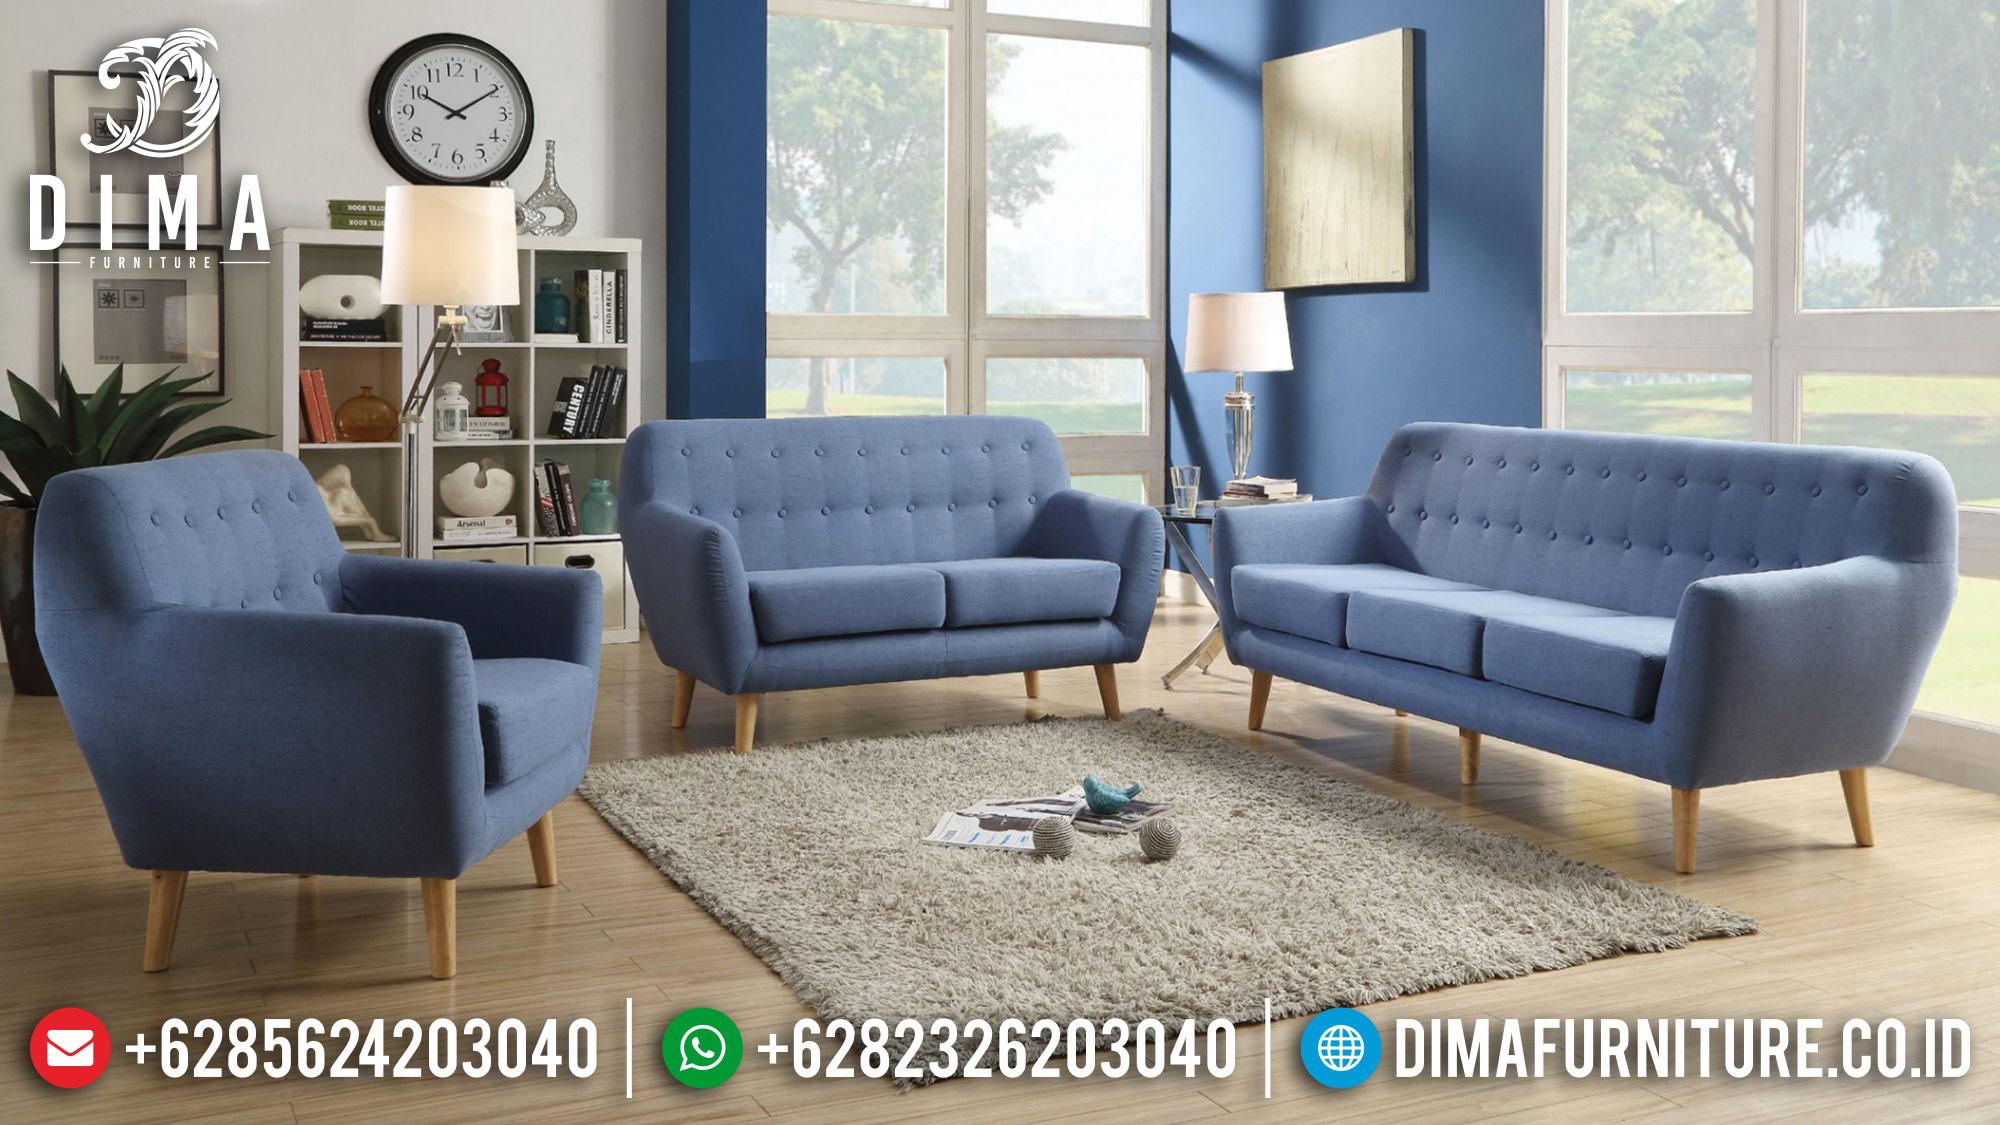 Sofa Tamu Minimalis Mewah, Sofa Minimalis Terbaru, Kursi Jepara Murah DF-0480